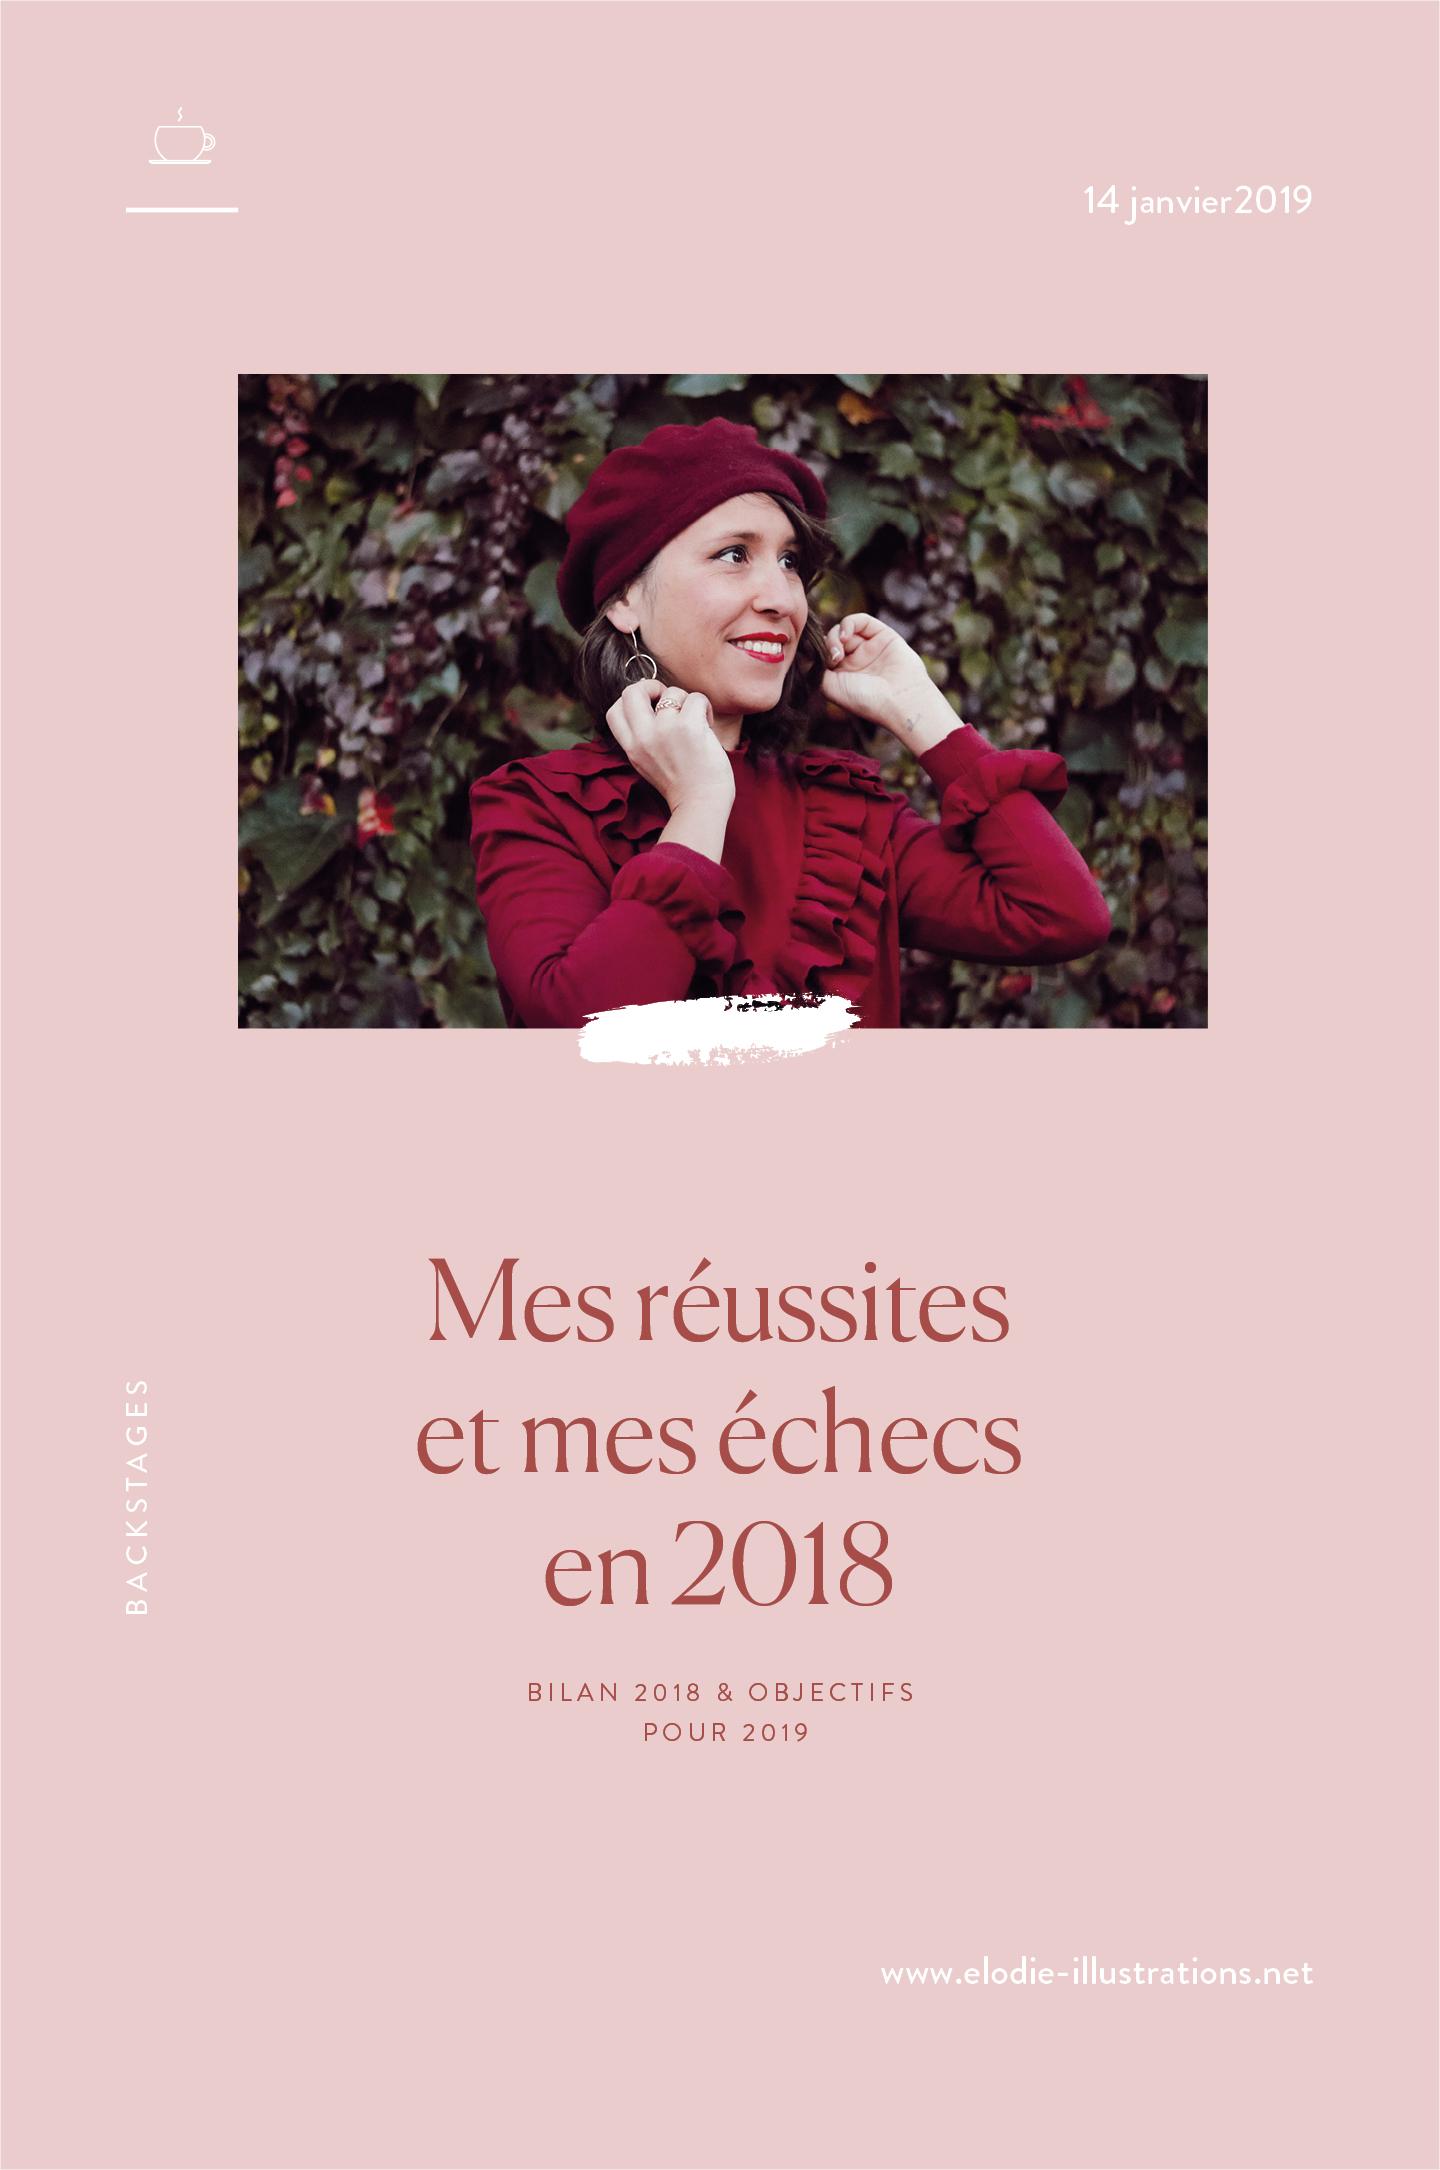 Bilan 2018 : Mes réussites et mes échecs et mes objectifs pour 2019 - Cliquez pour découvrir l'article